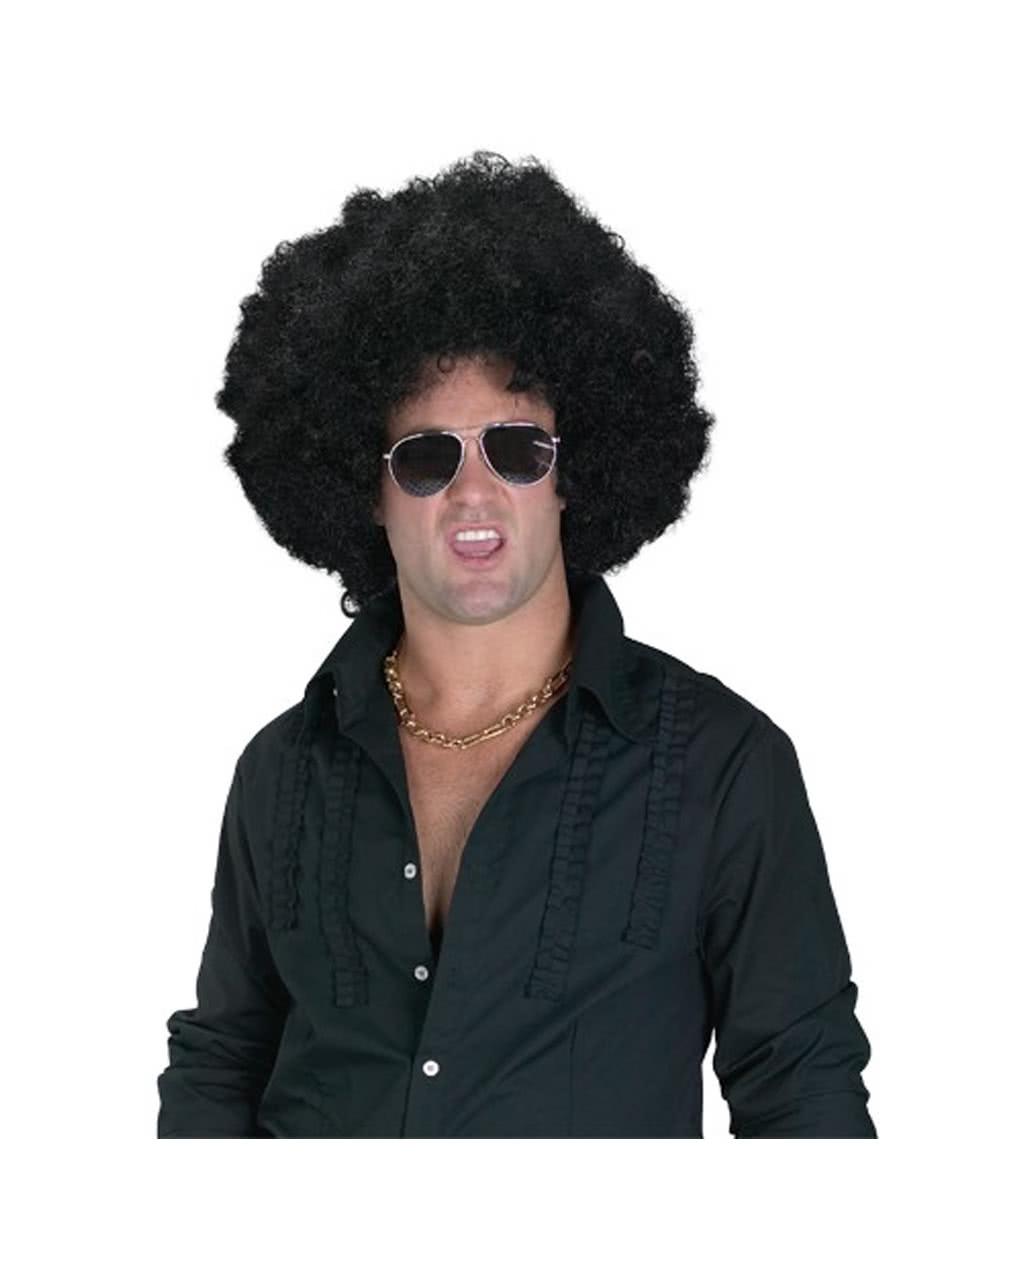 Afro Perucke 15 Cm Preiswerte Hippie Perucke Mit Afro Locken